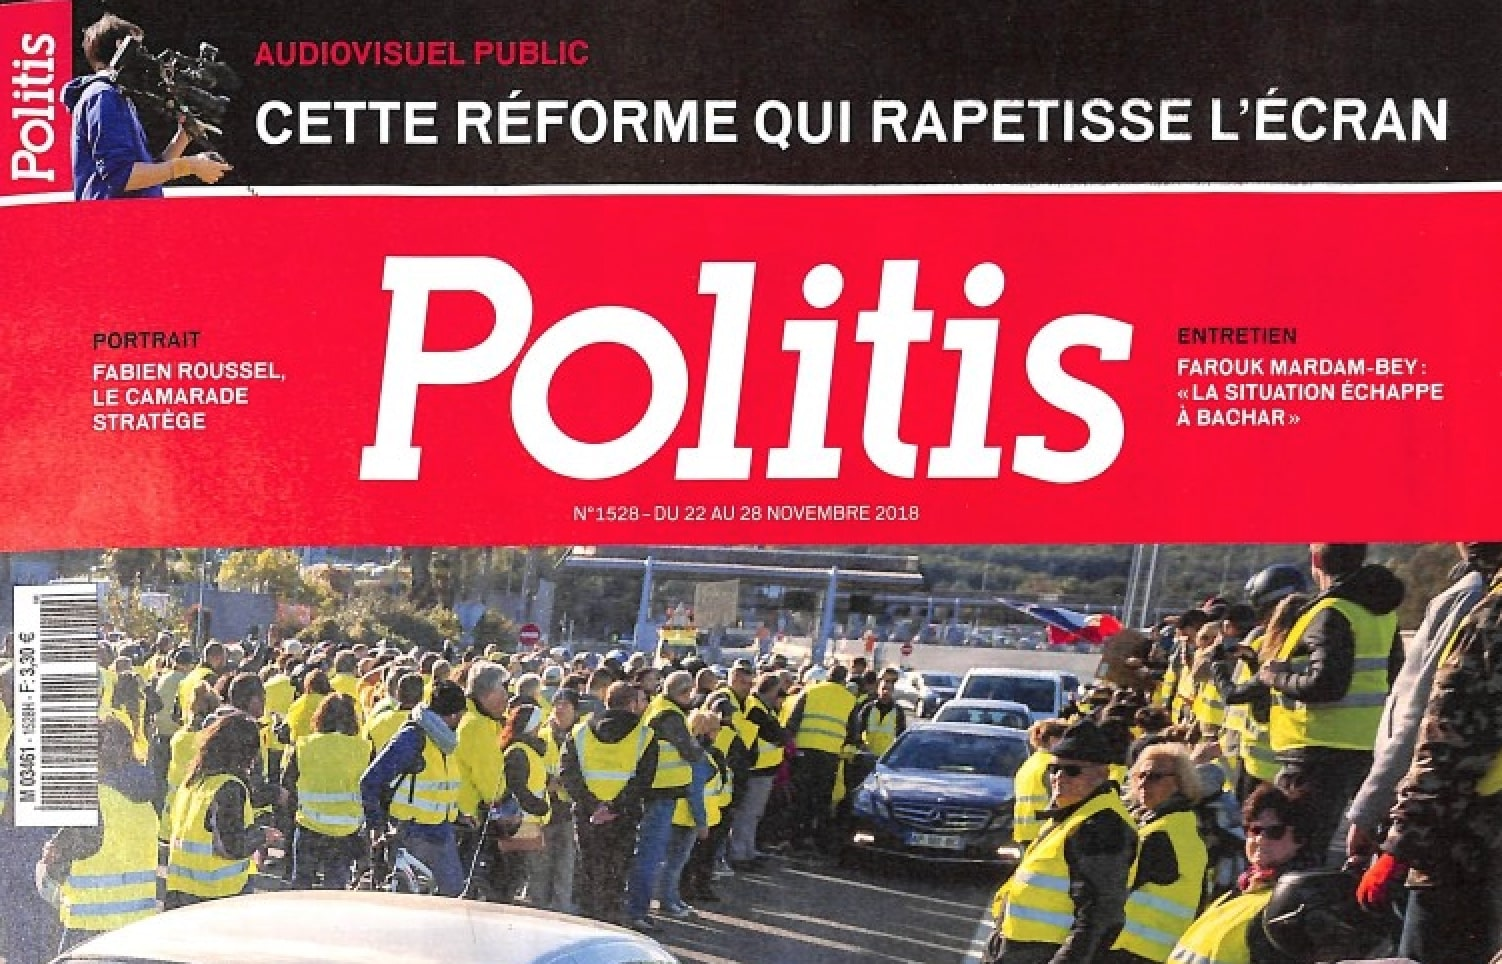 politis_n-1528_november-2018